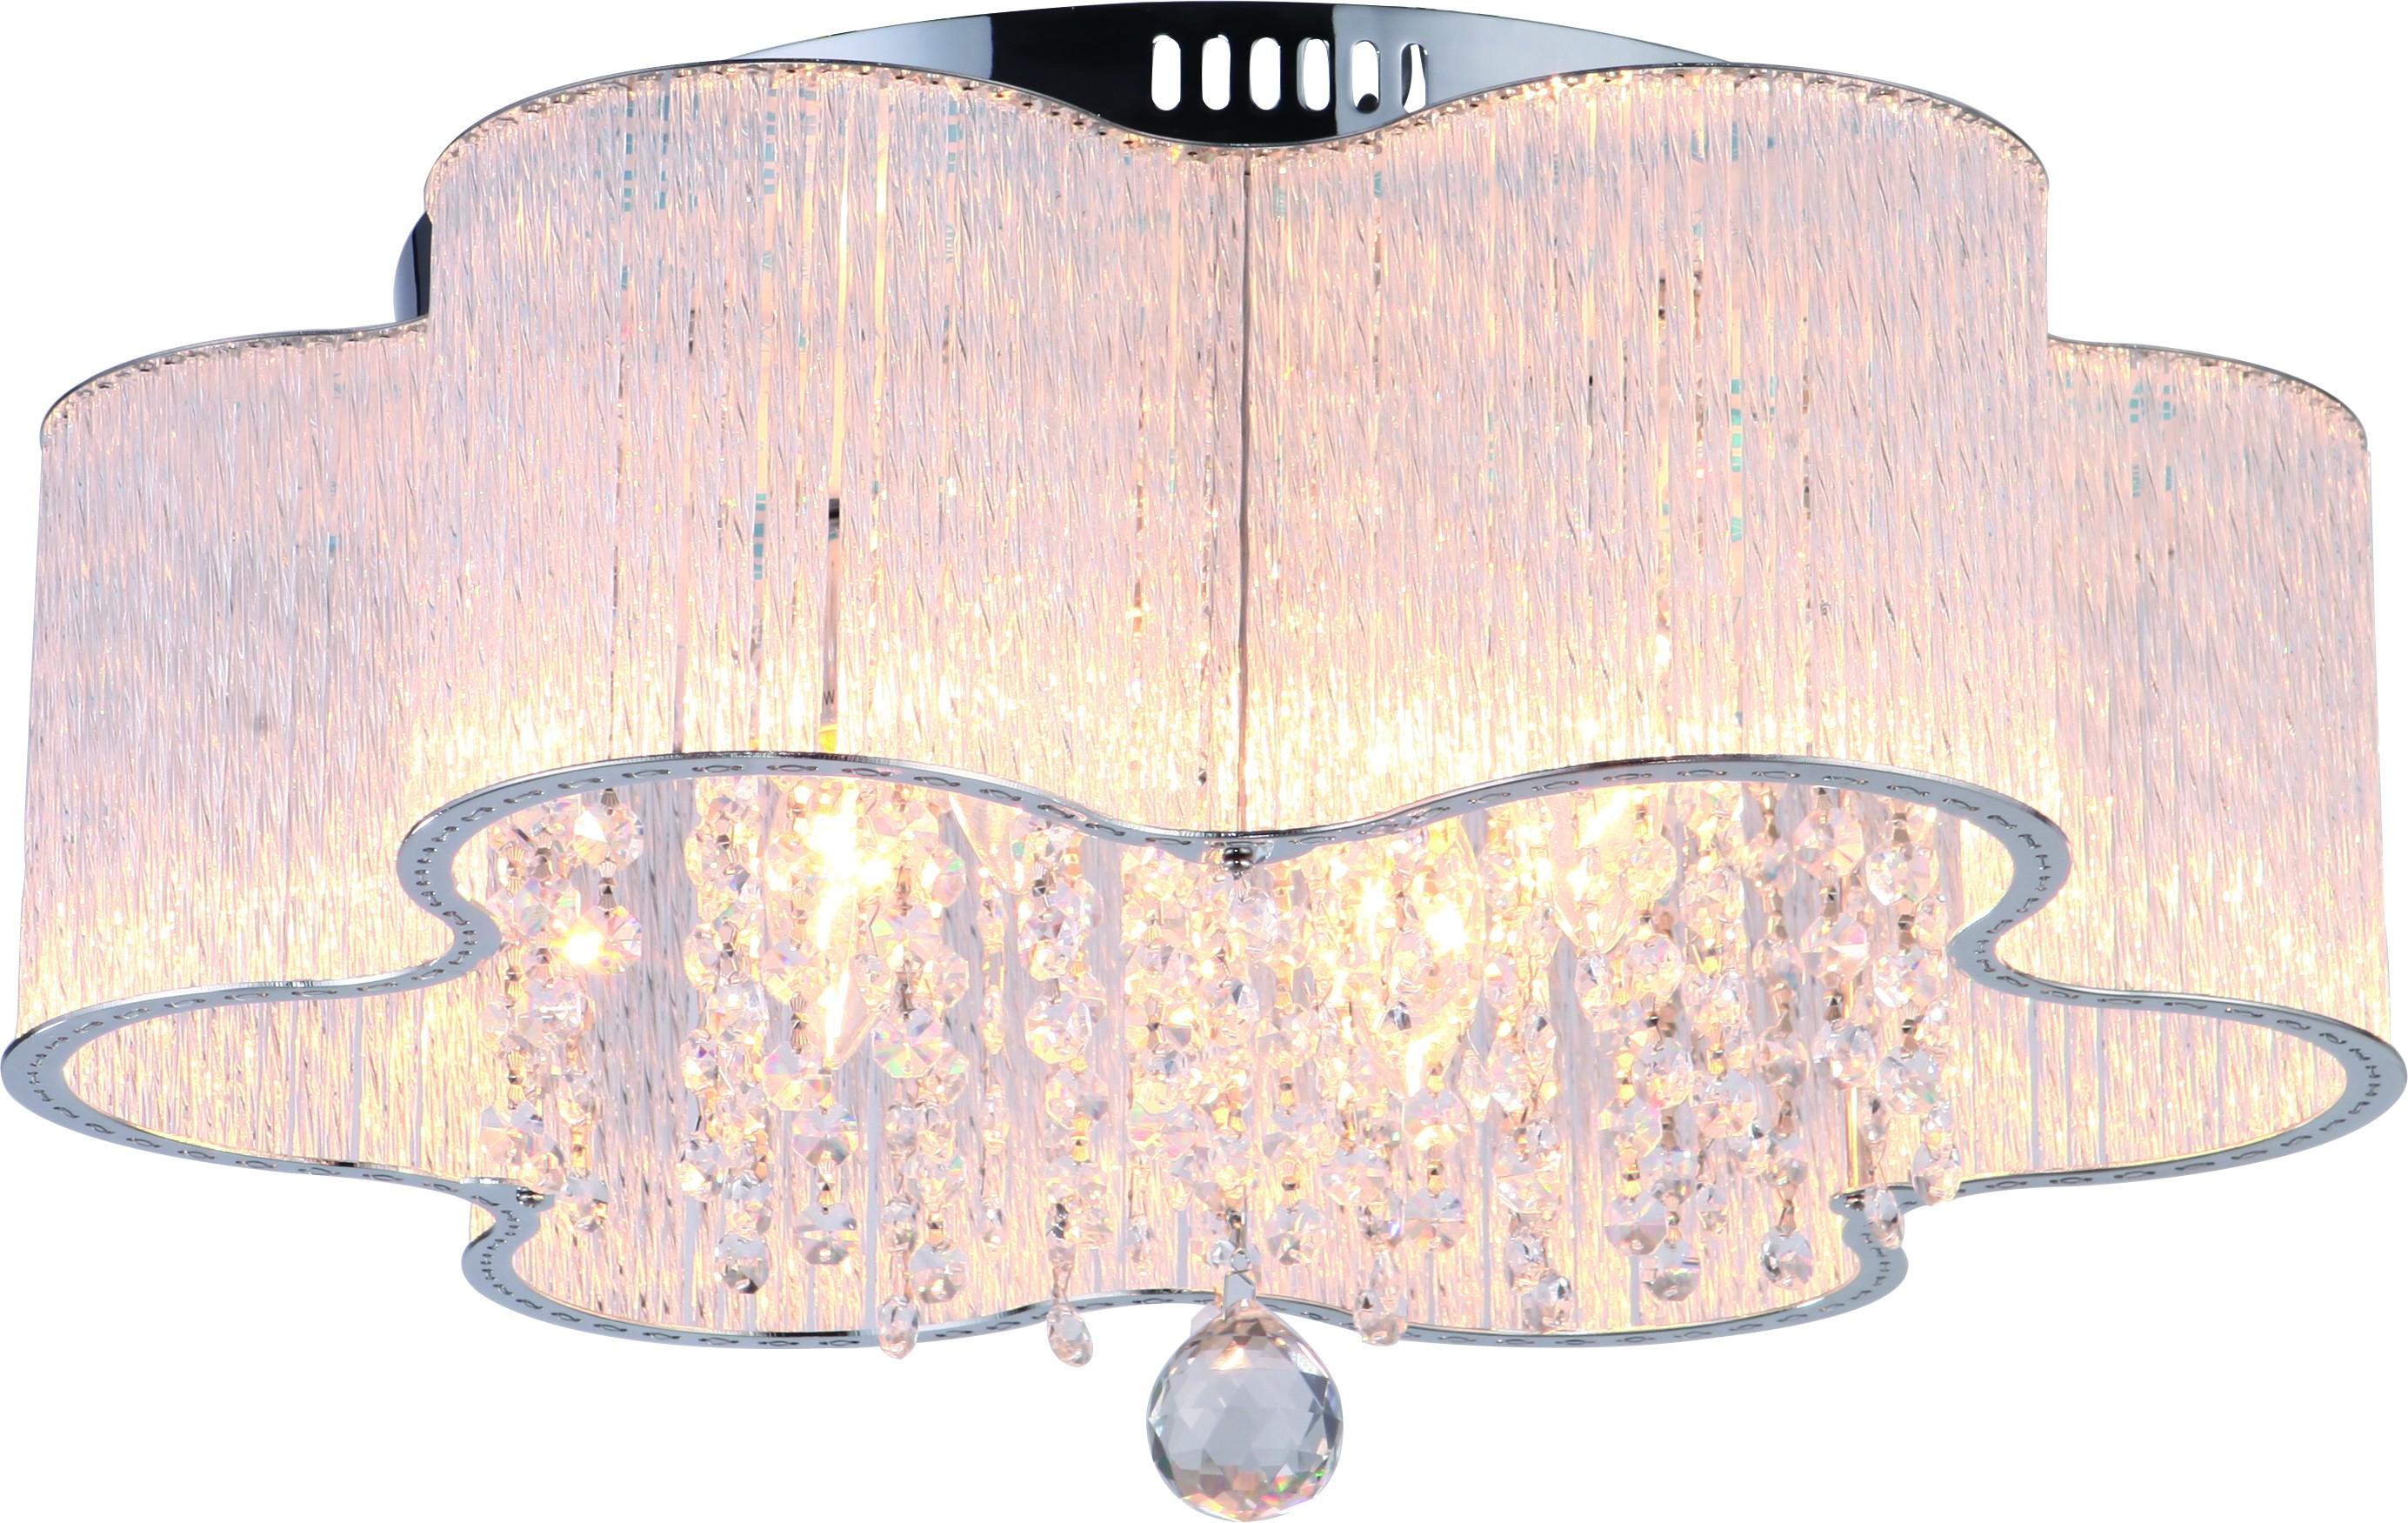 Люстра Arte lamp A8565pl-4cl цены